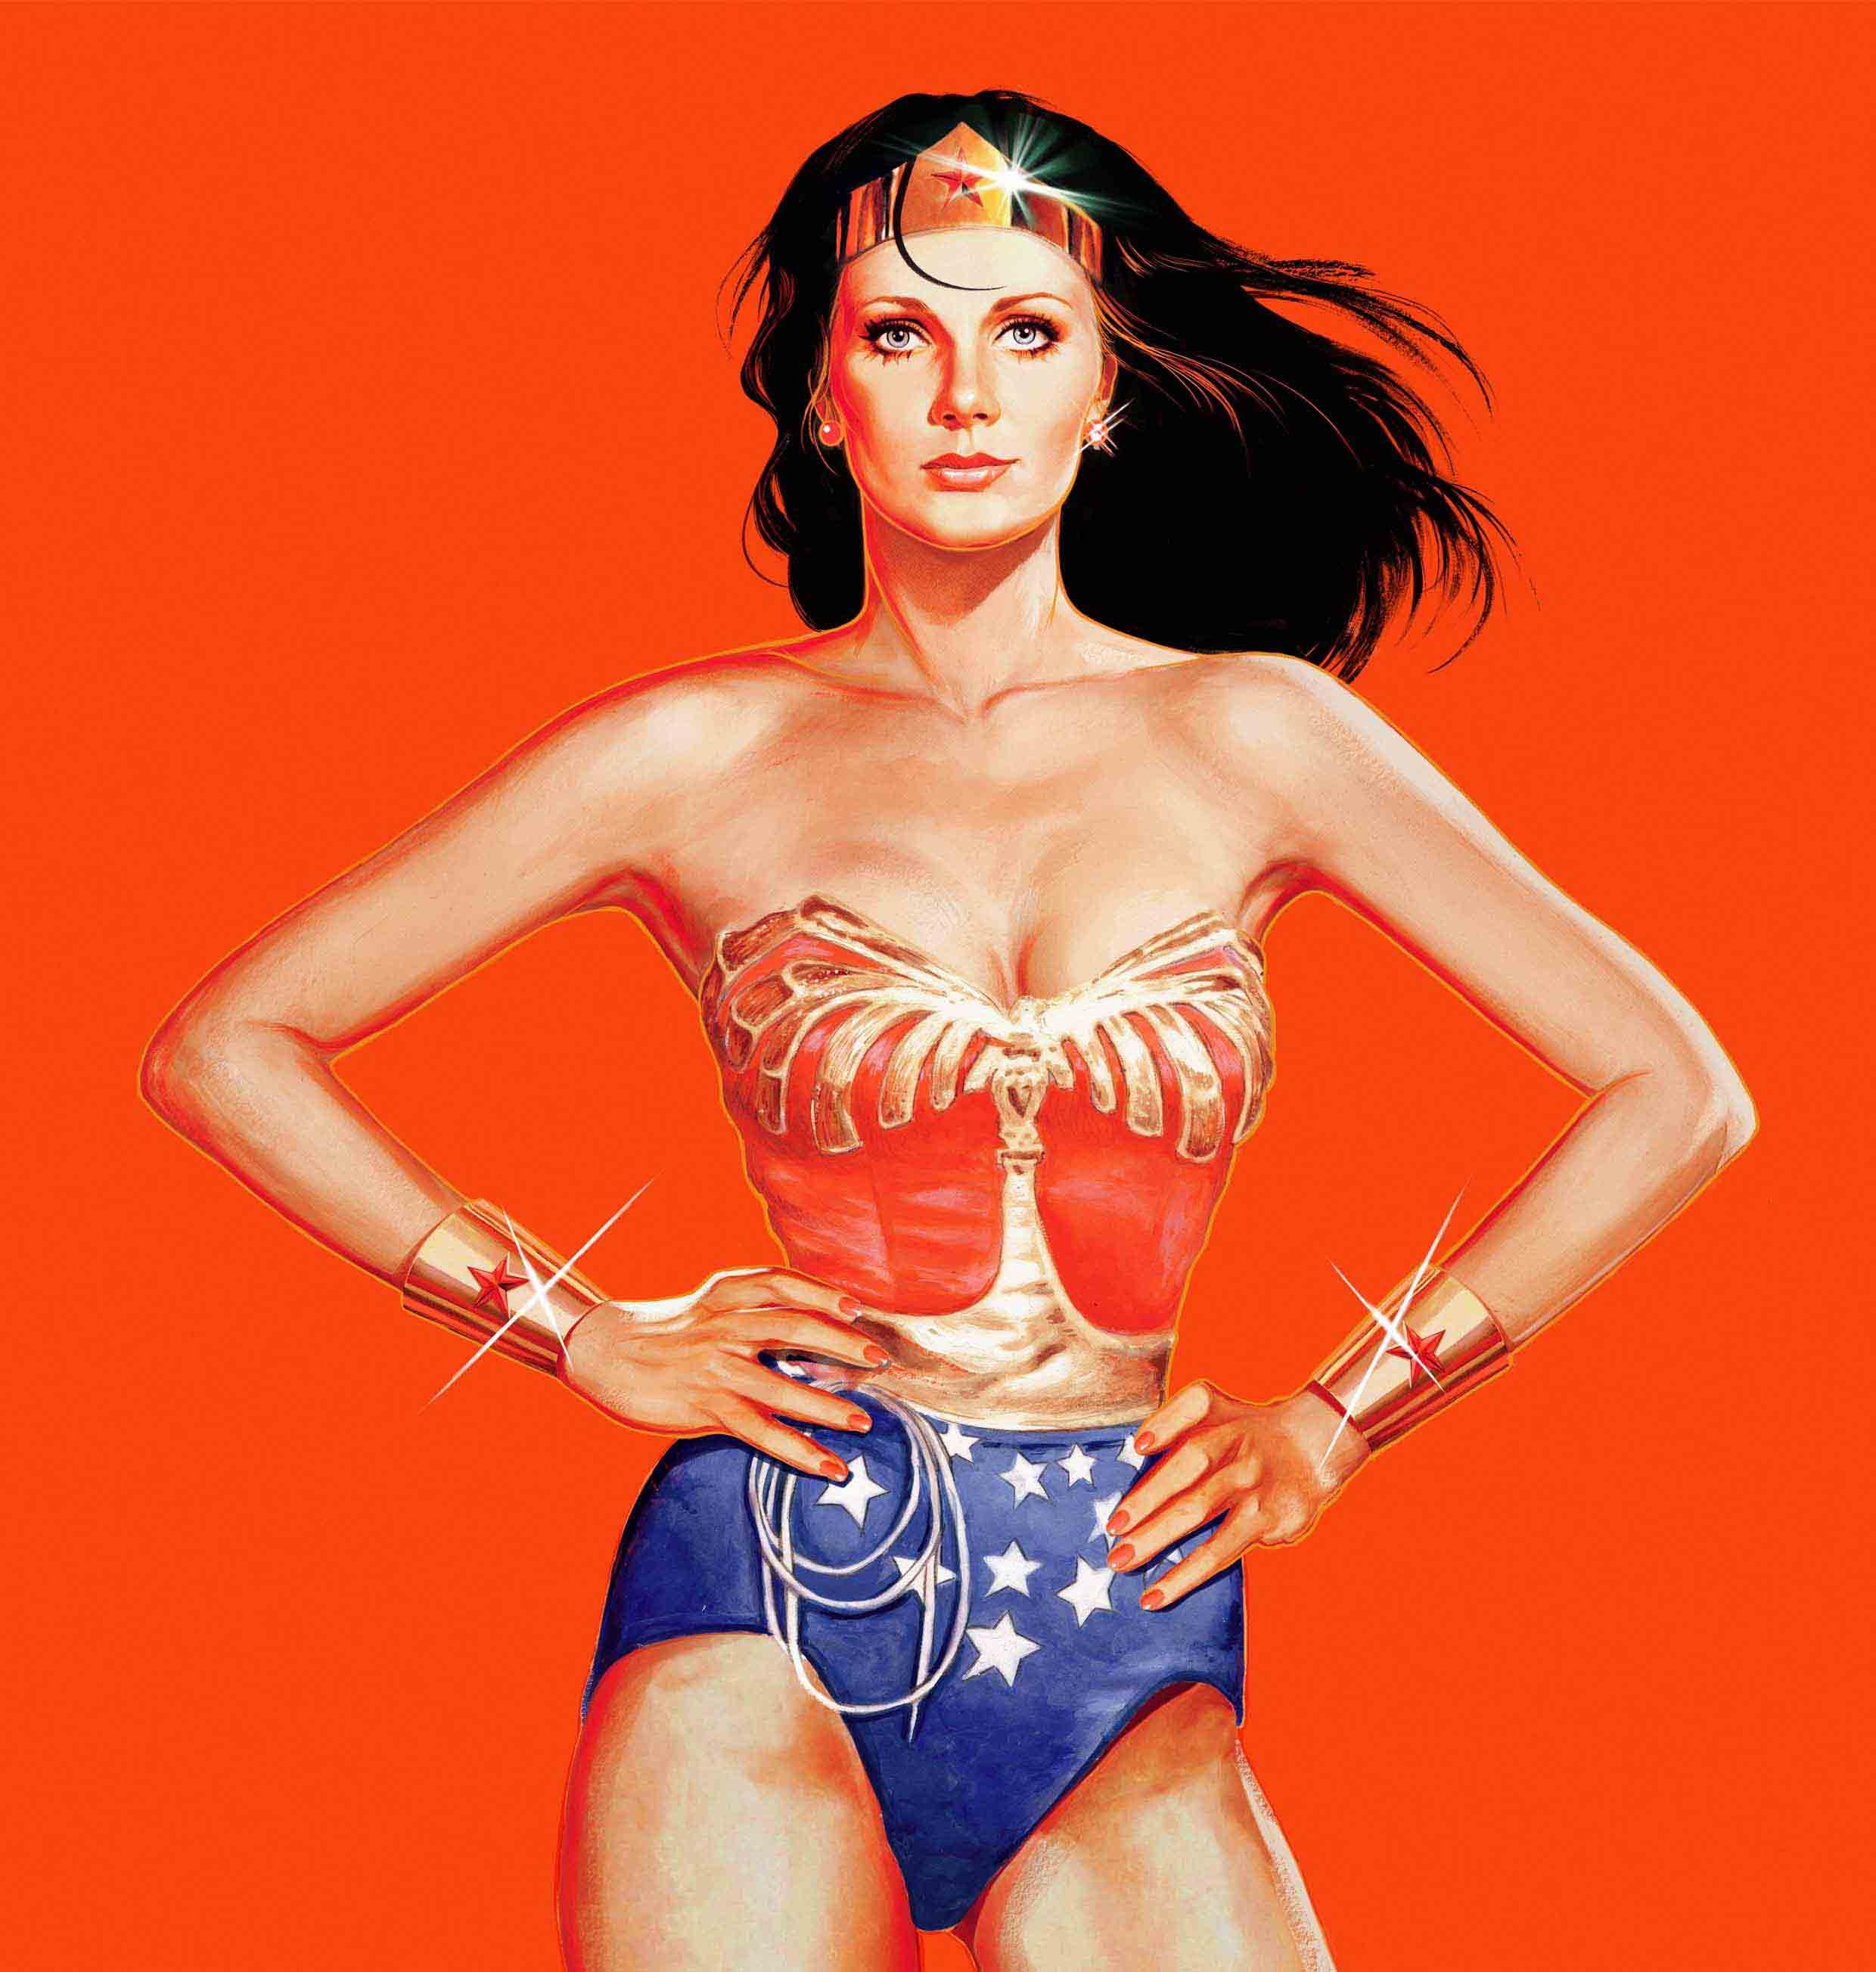 Wonder Woman  Red version Art By John Keaveney  low res.jpg